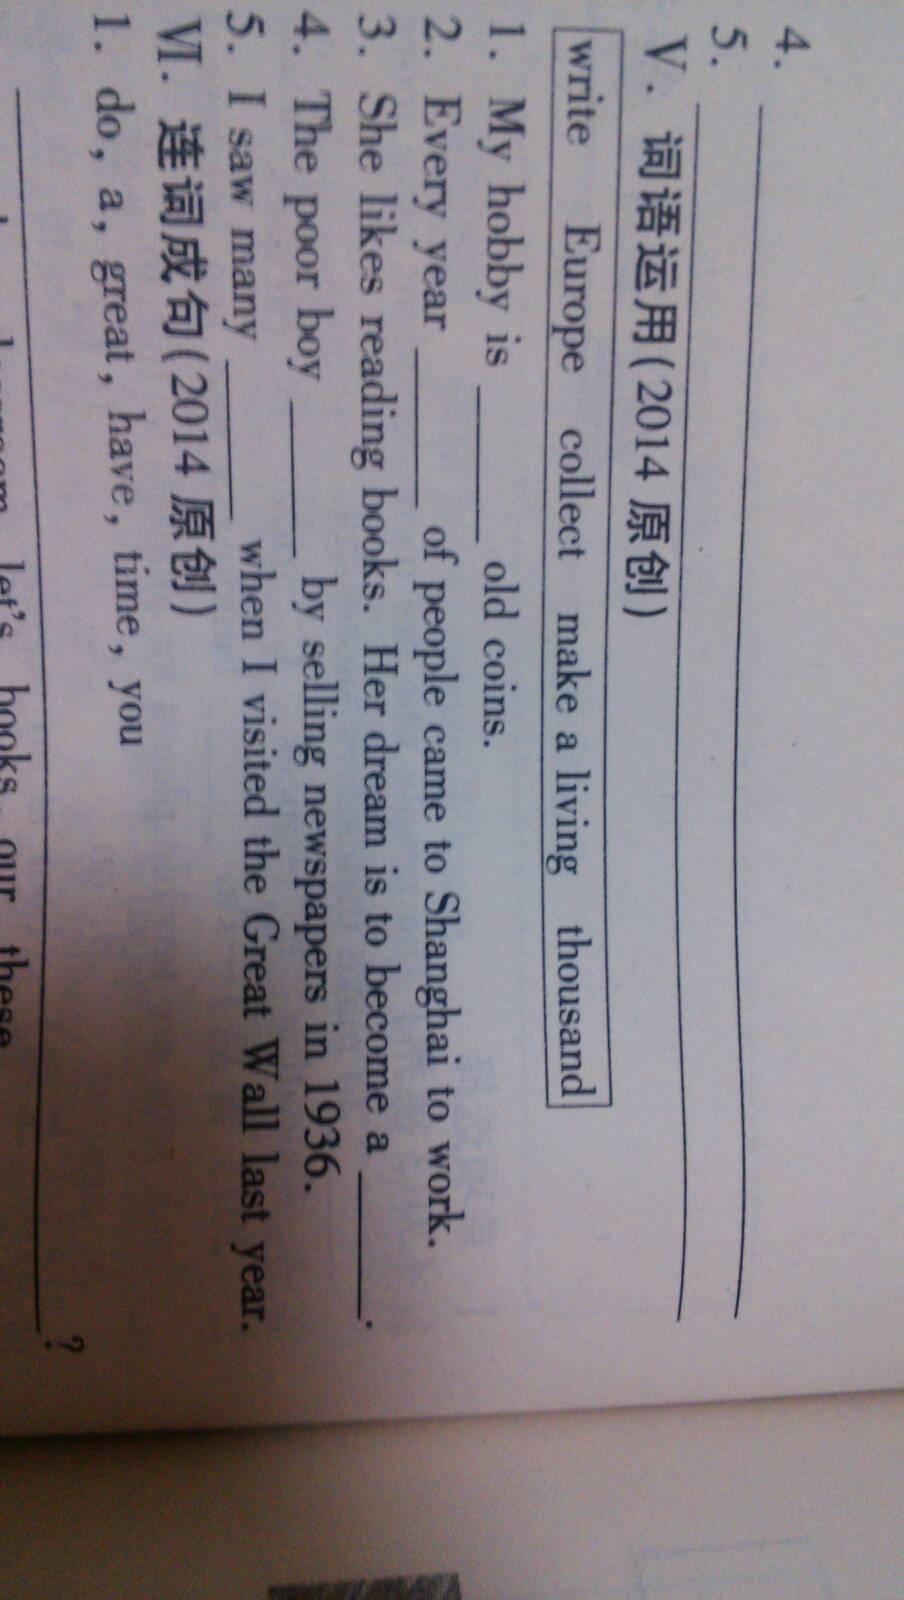 英语词语运用图片